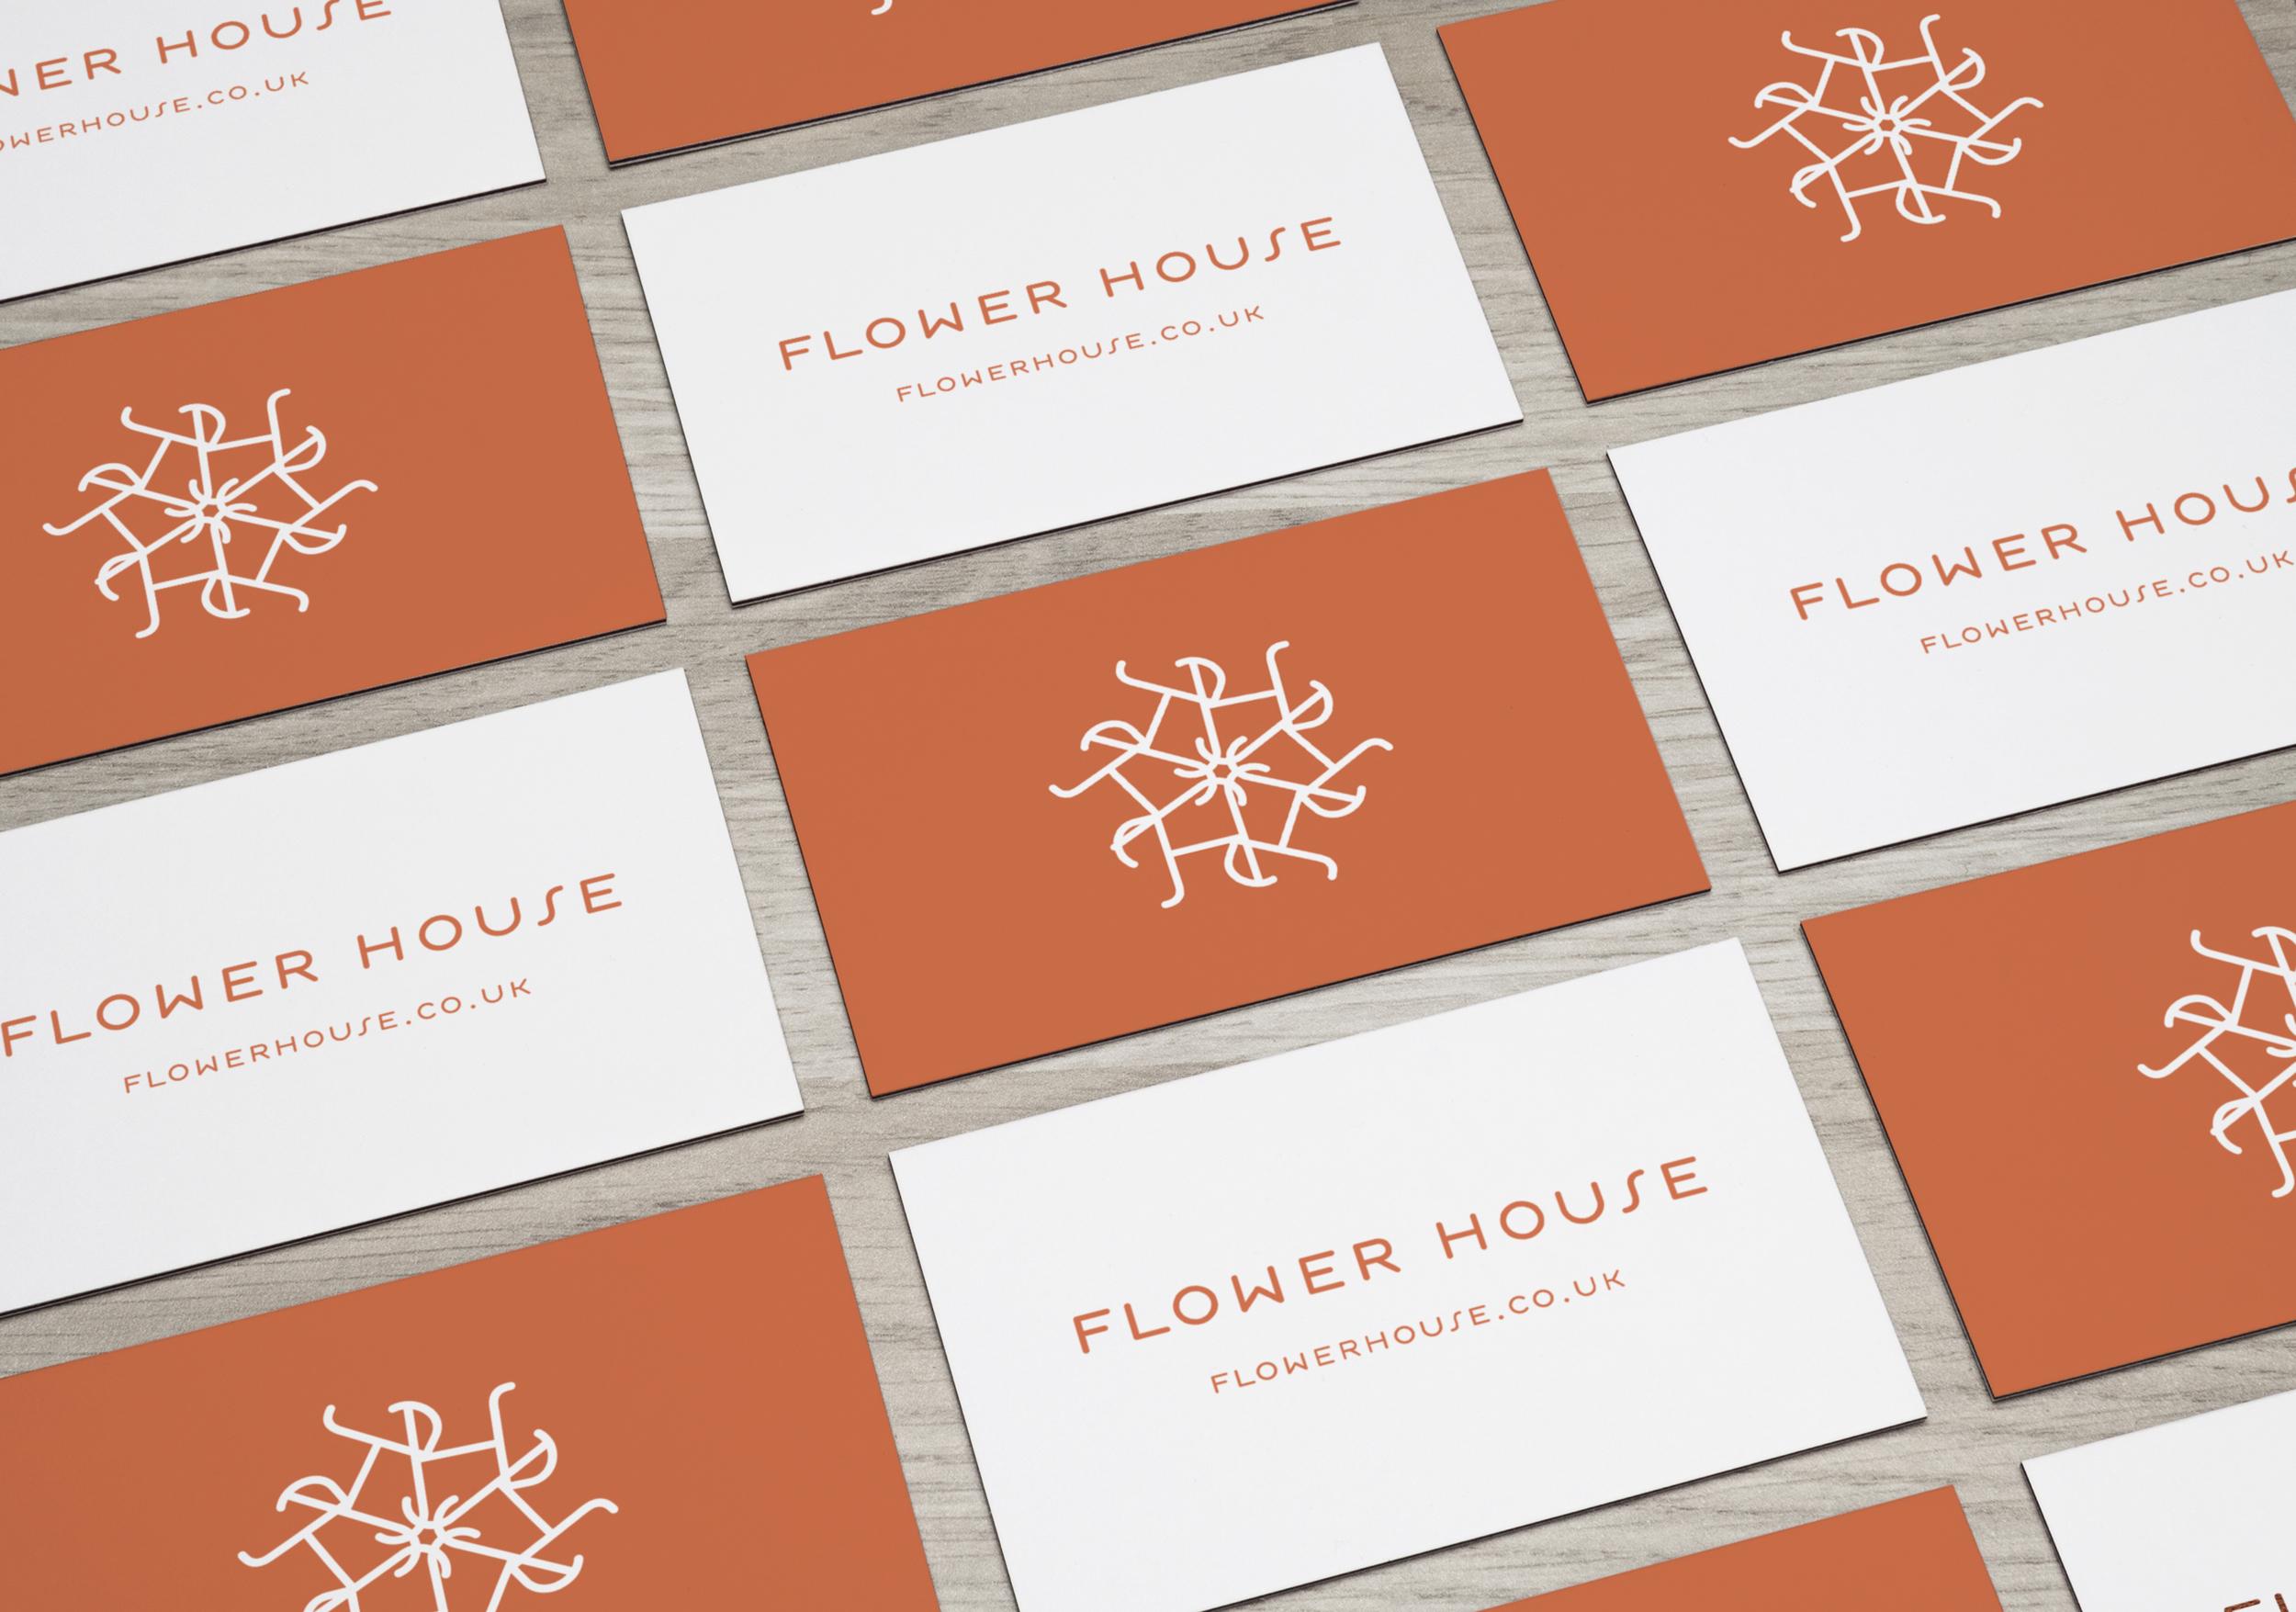 Flower house cards.jpg